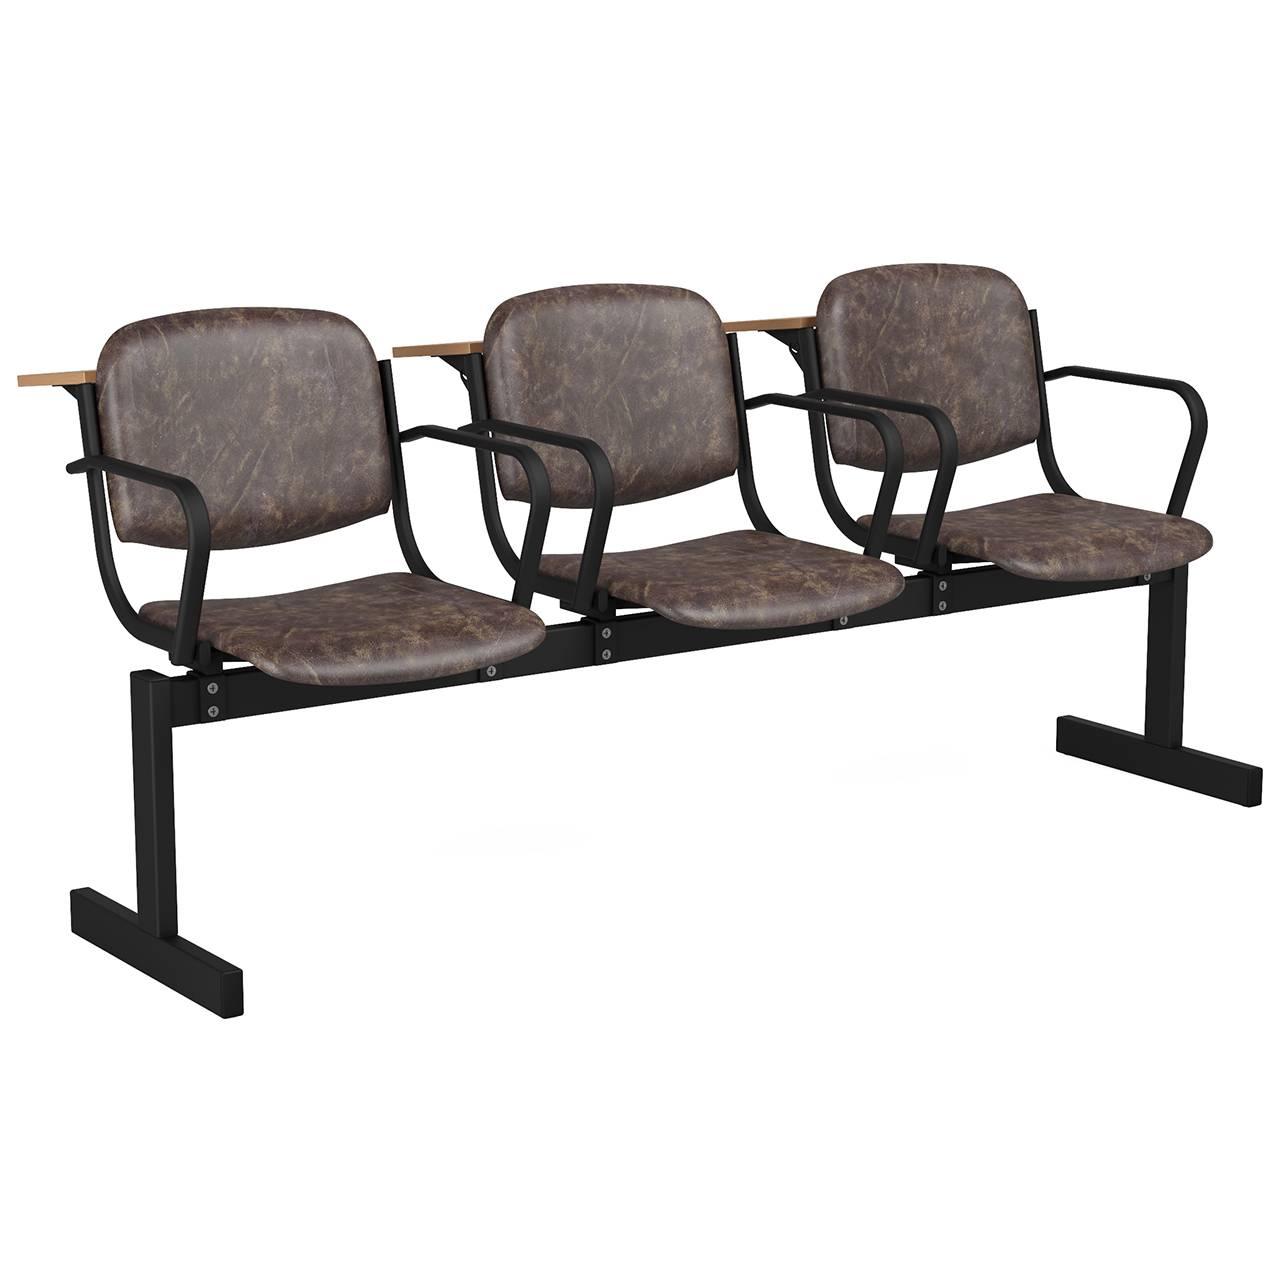 3-местный, не откидывающиеся сиденья, мягкий, подлокотники, лекционный черный коричневый Кожзаменитель